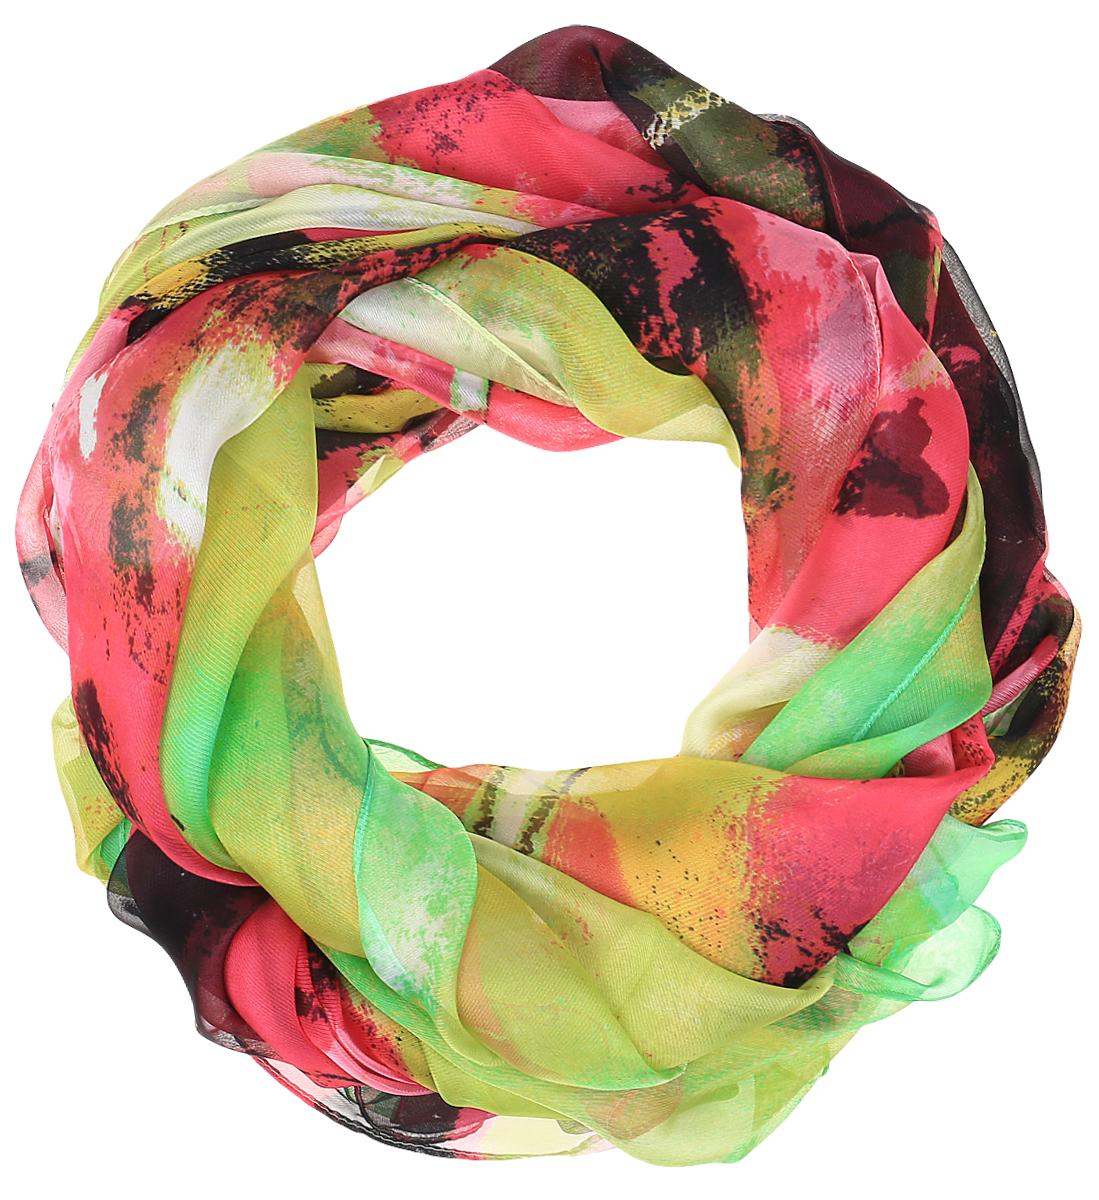 Палантин Sophie Ramage, цвет: салатовый, розовый, коричневый. PP-11707-3. Размер 120 см х 180 смPP-11707-3Яркий палантин Sophie Ramage изготовлен из шелка и полиэстера. Модель оформлена оригинальным принтом. Изделия Sophie Ramage приятные на ощупь и подойдут к любому стилю.